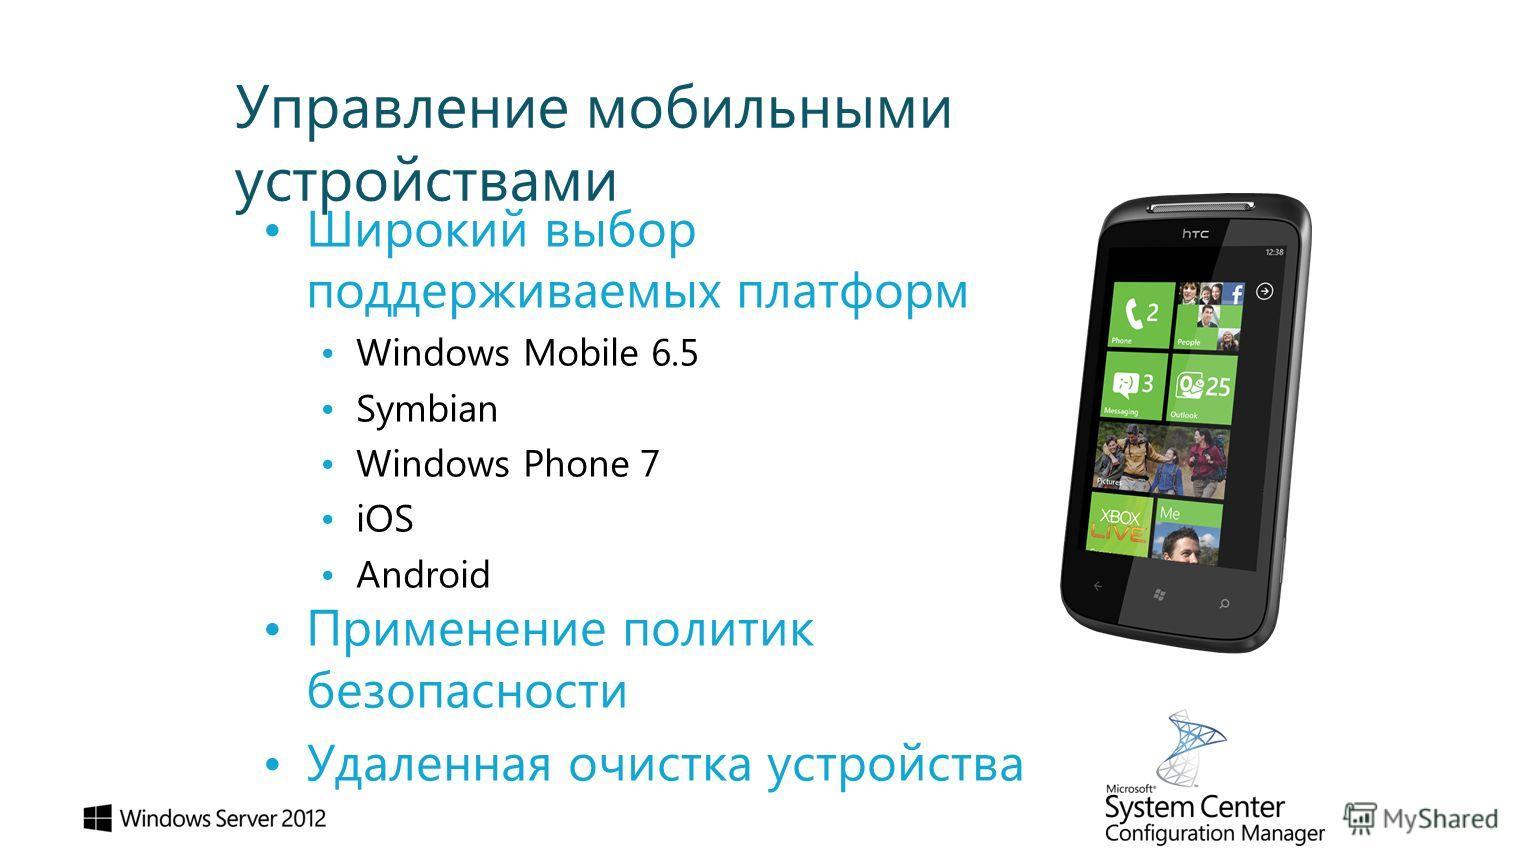 Управление мобильными устройствами Широкий выбор поддерживаемых платформ Windows Mobile 6.5 Symbian Windows Phone 7 iOS Android Применение политик безопасности Удаленная очистка устройства